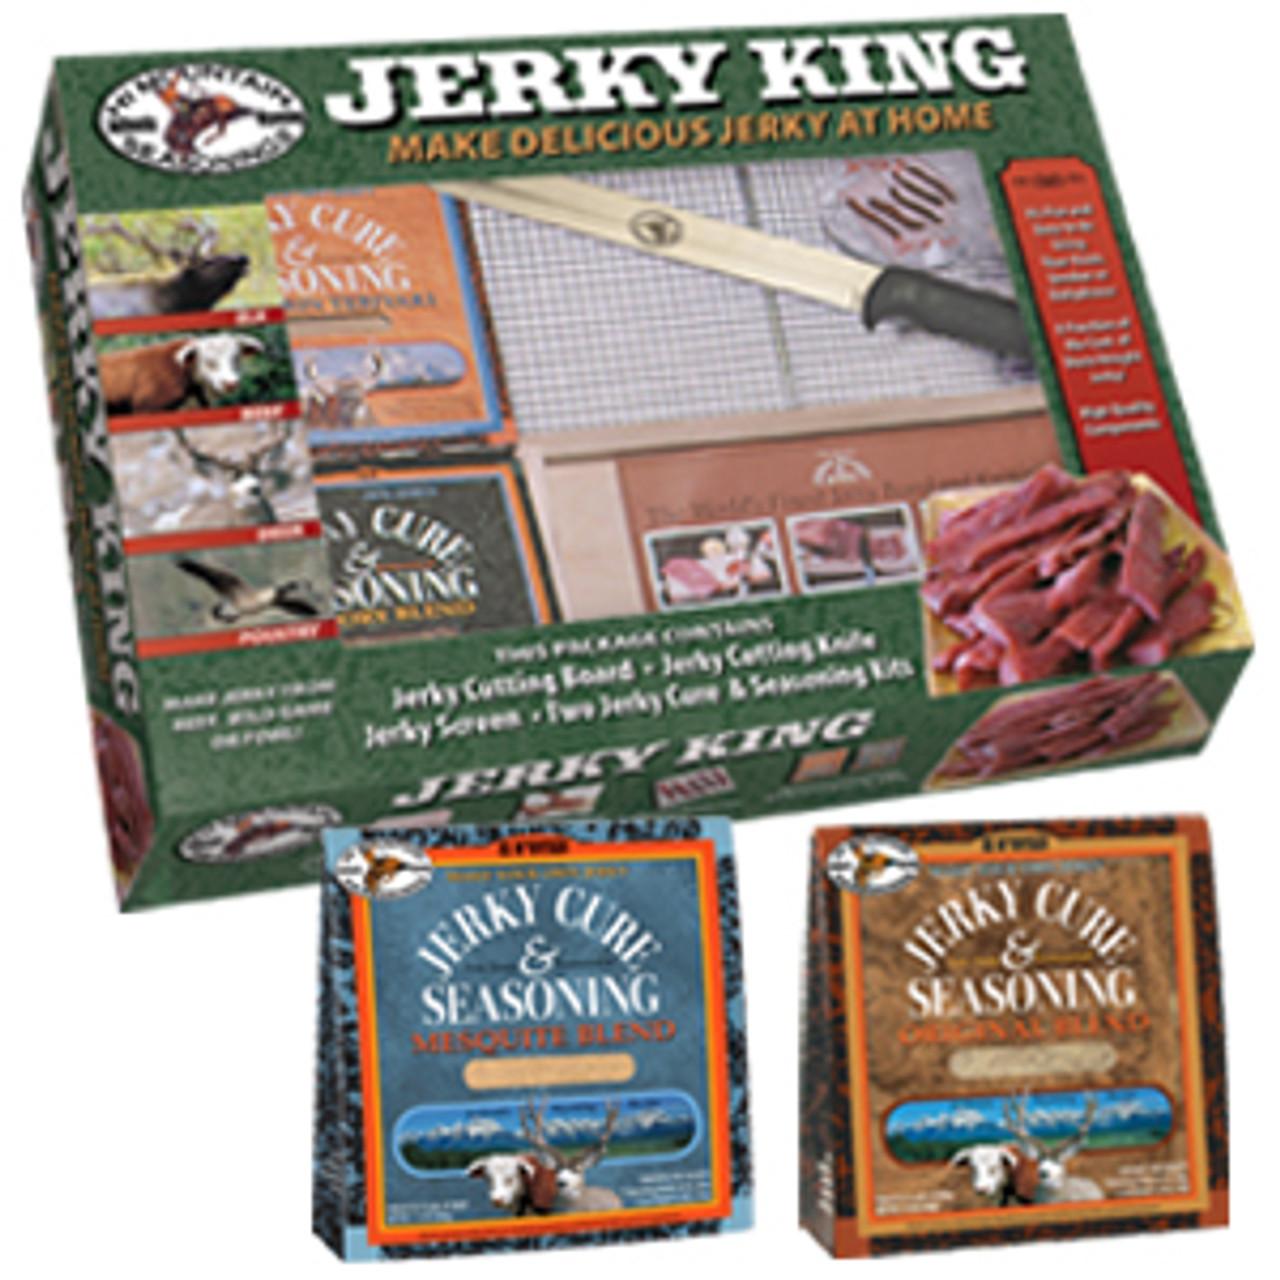 Jerky King